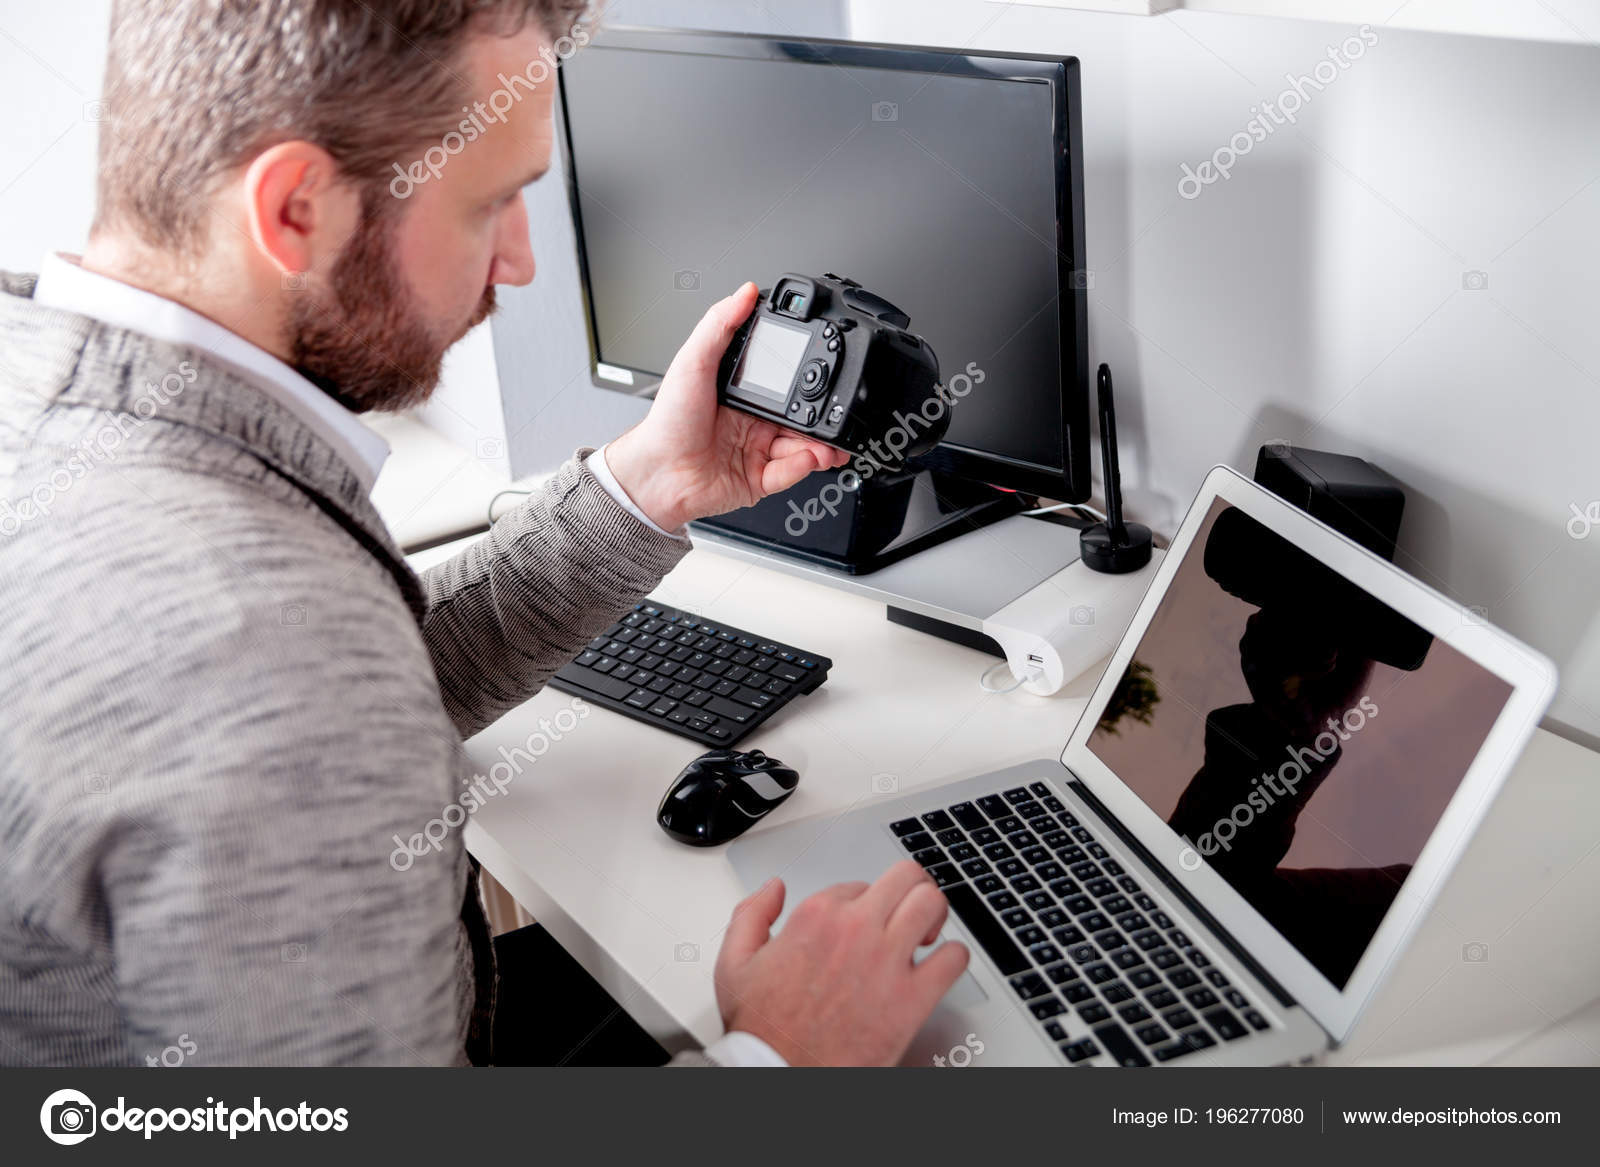 смывки фотографируемся через компьютер точеная фигурка